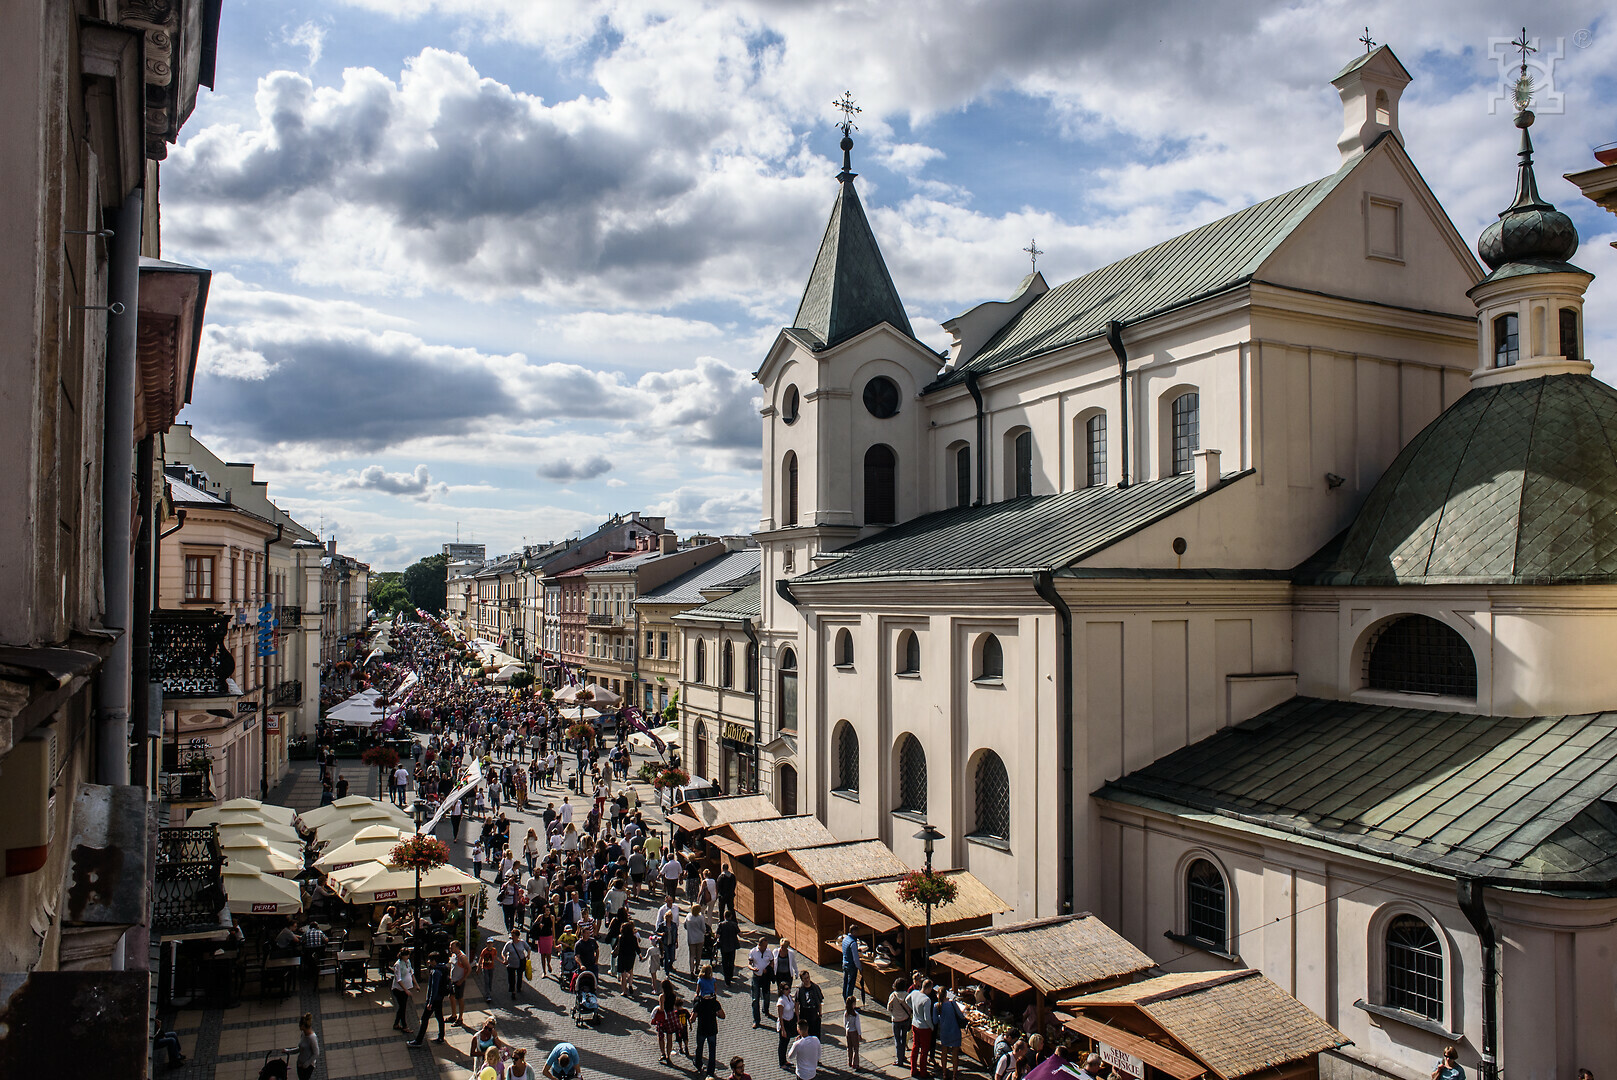 lublin_krakowskie_przedmiescie,klyWeqWcZmpRmdiQiHtf